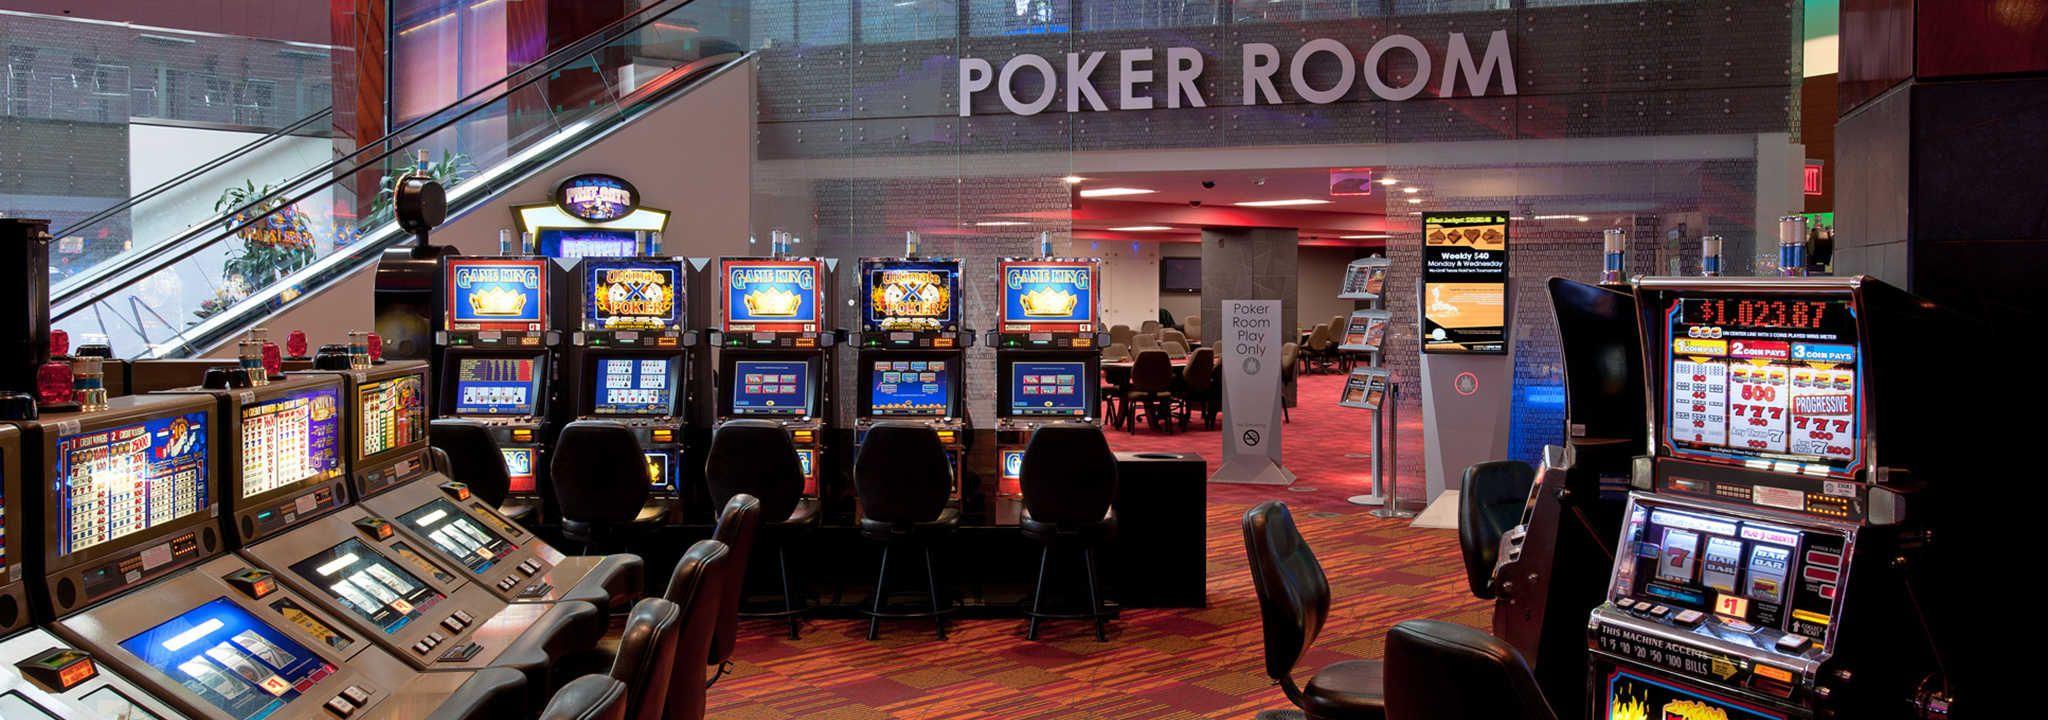 Blackjack casinos in michigan jazz 2 pc game free download